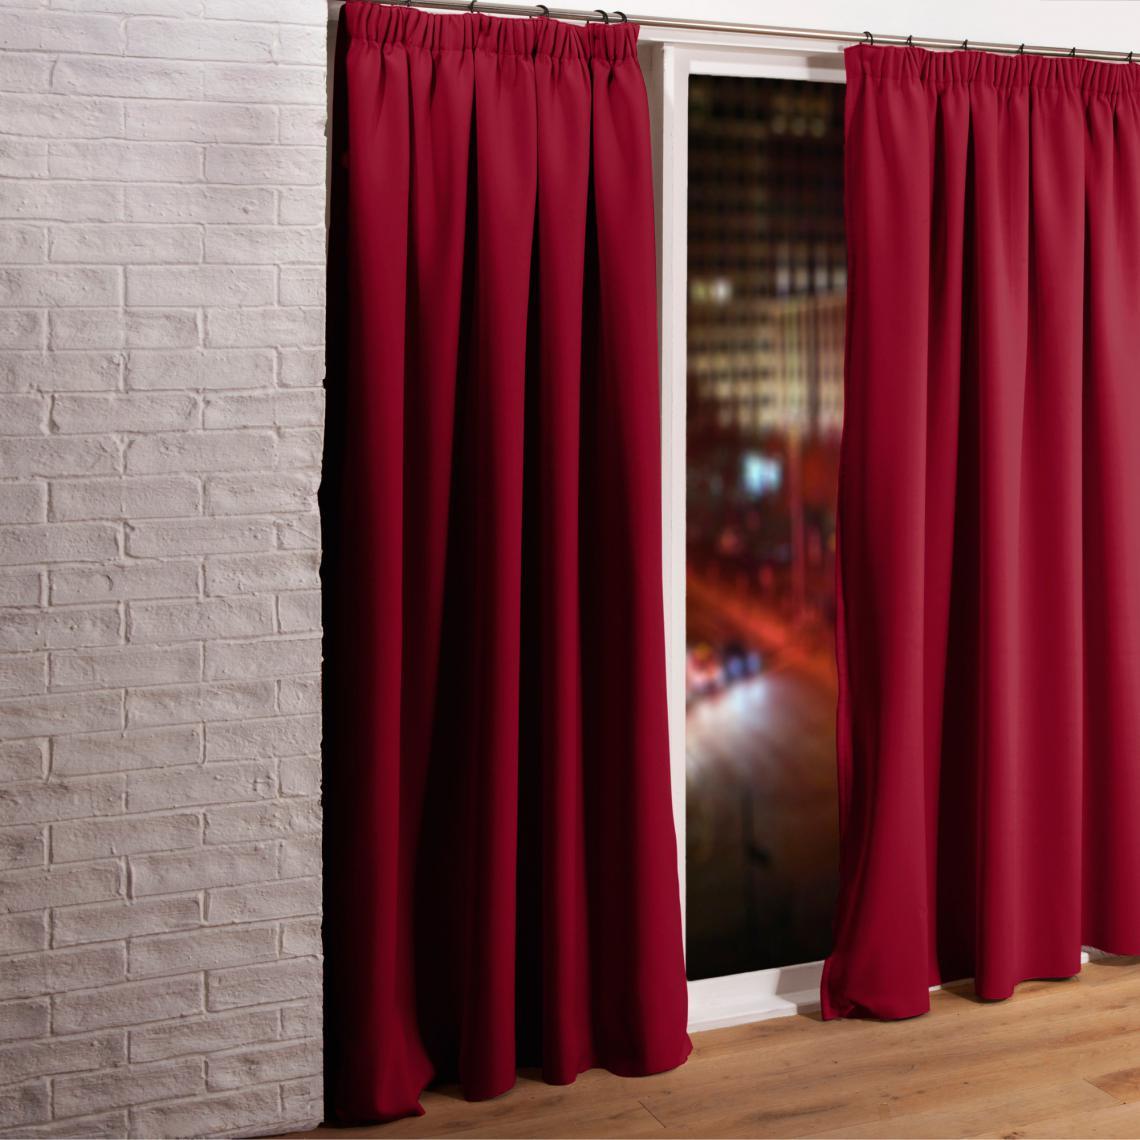 rideau phonique occultant et thermique 3 couches galon. Black Bedroom Furniture Sets. Home Design Ideas